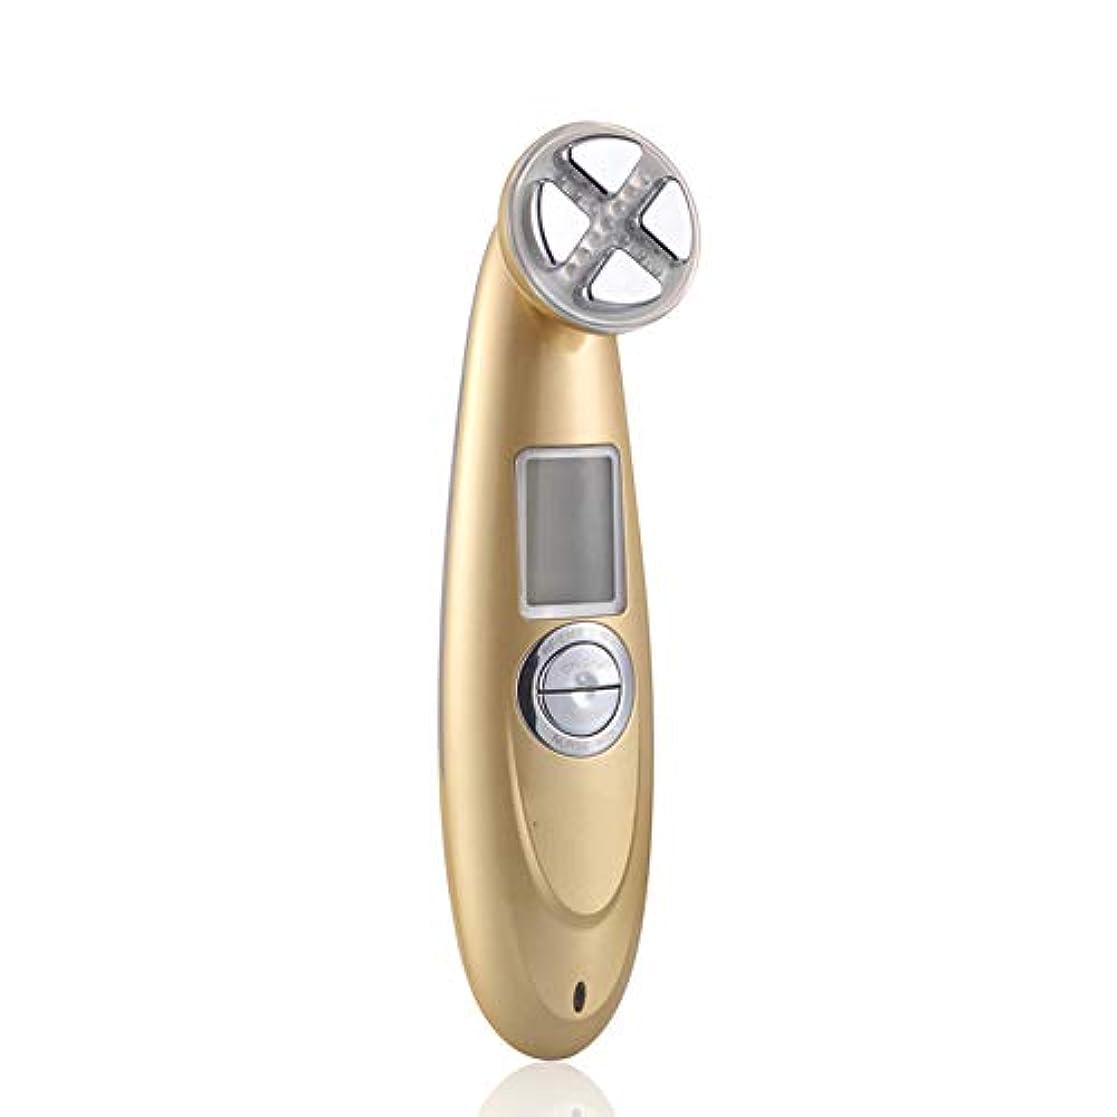 漏斗パワーシャックルLEDフェイシャルマッサージ、家庭用エレクトロポレーションRF美容機器はじめに機器フリークンアクネフェイシャルマッサージシワや肌をほぐします